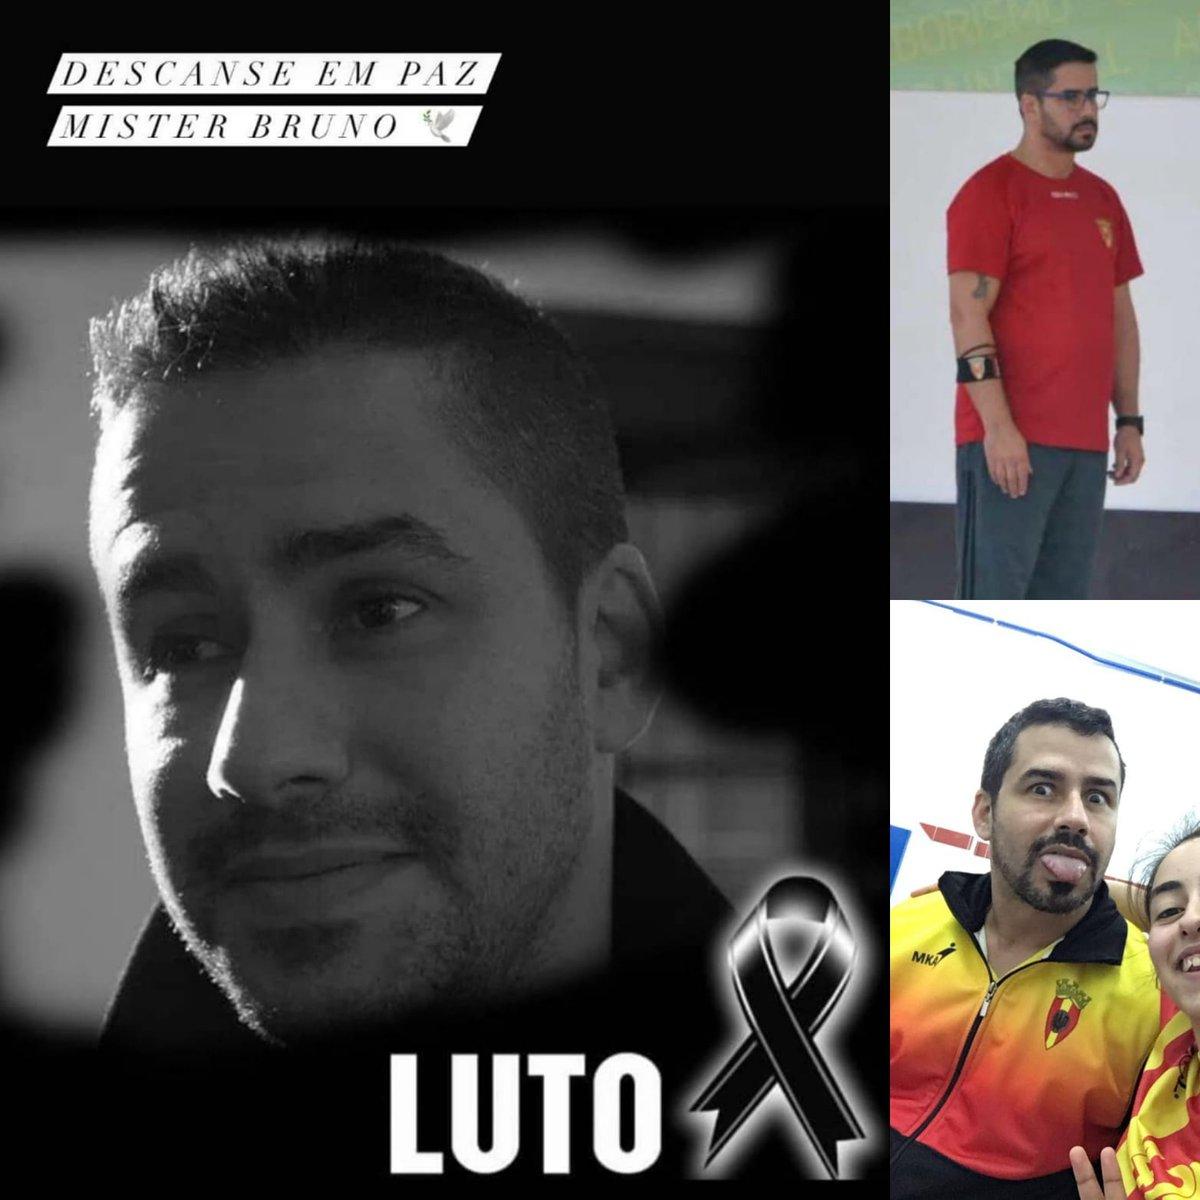 Descansa em Paz Bruno Ferreira